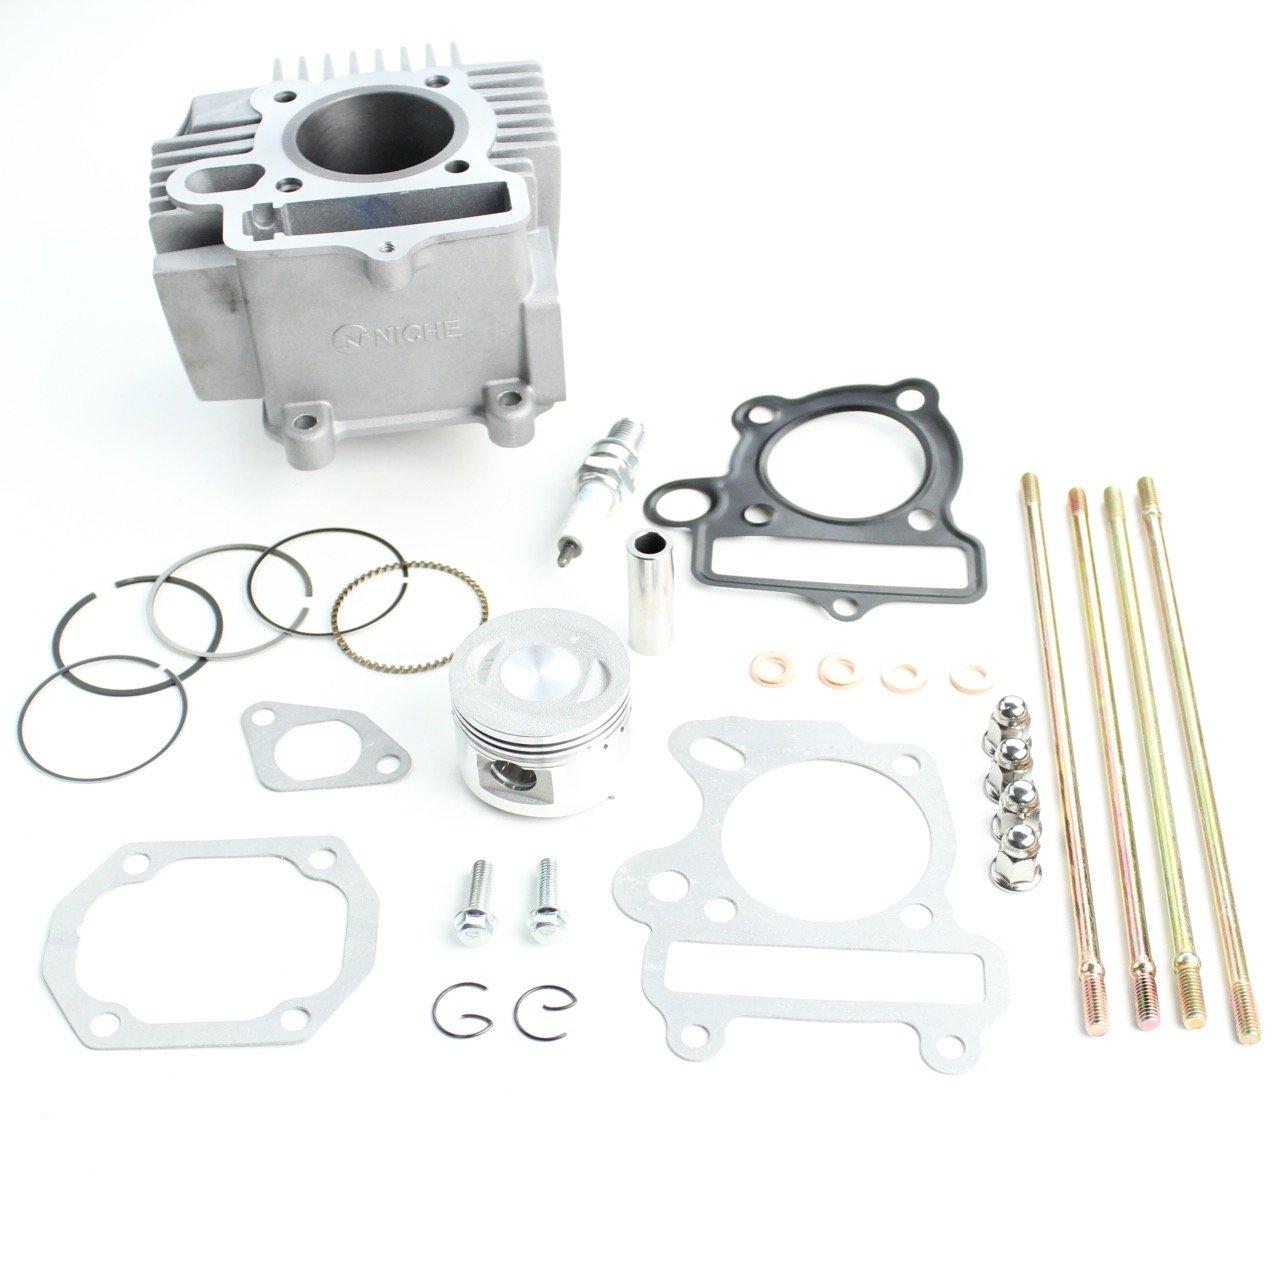 Niche Industries 1905 Polaris Sportsman 90 Cylinder Piston Gasket Stud Top End Kit 2007-2016